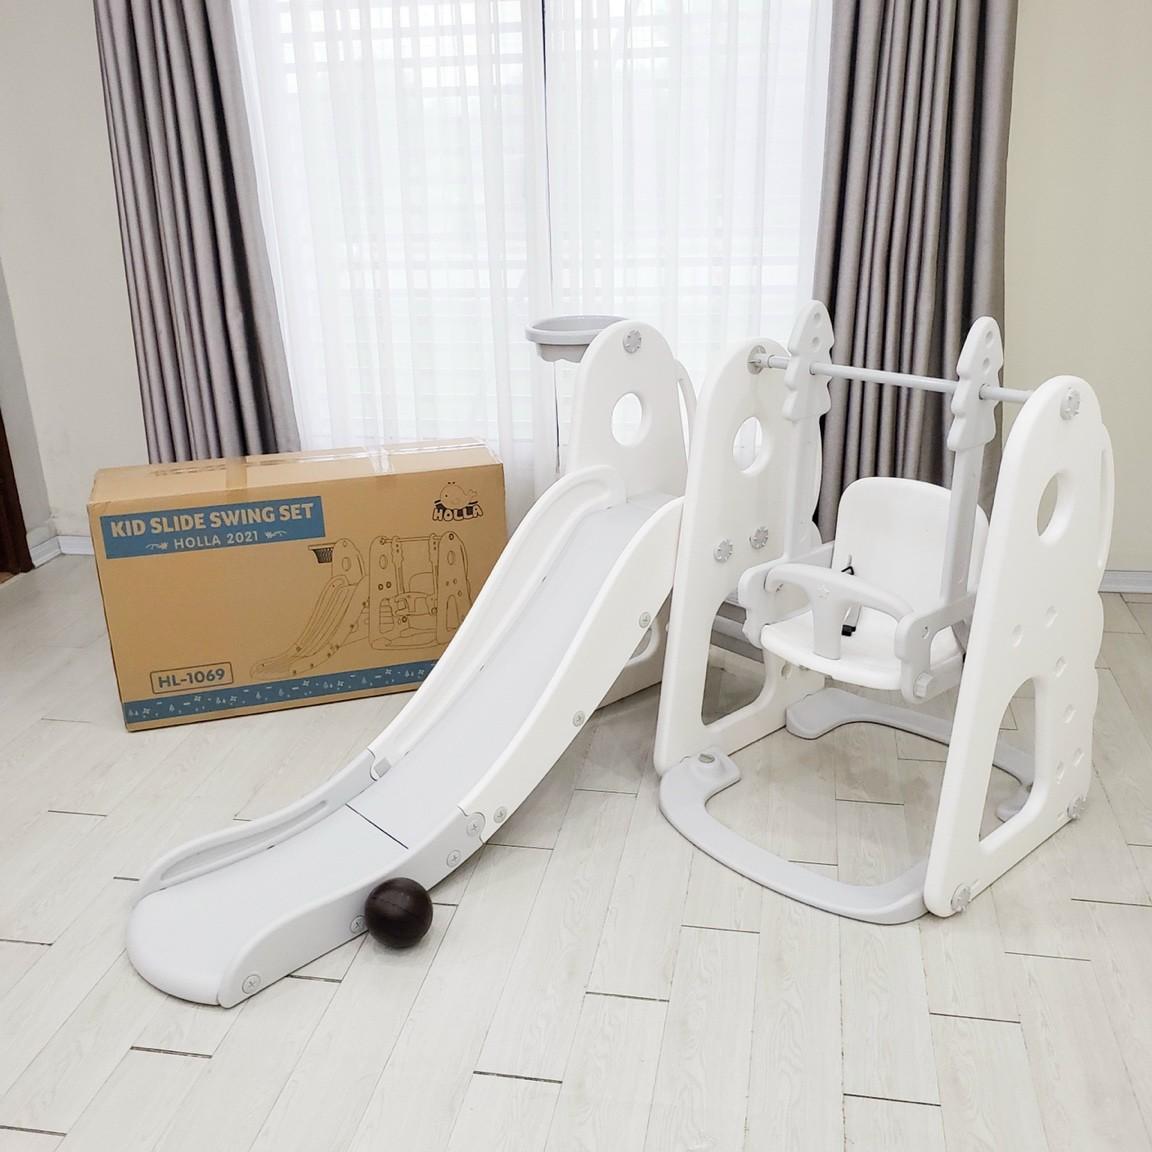 Cầu trượt xích đu Holla - đồ chơi vận động phát triển tự nhiên cho bé